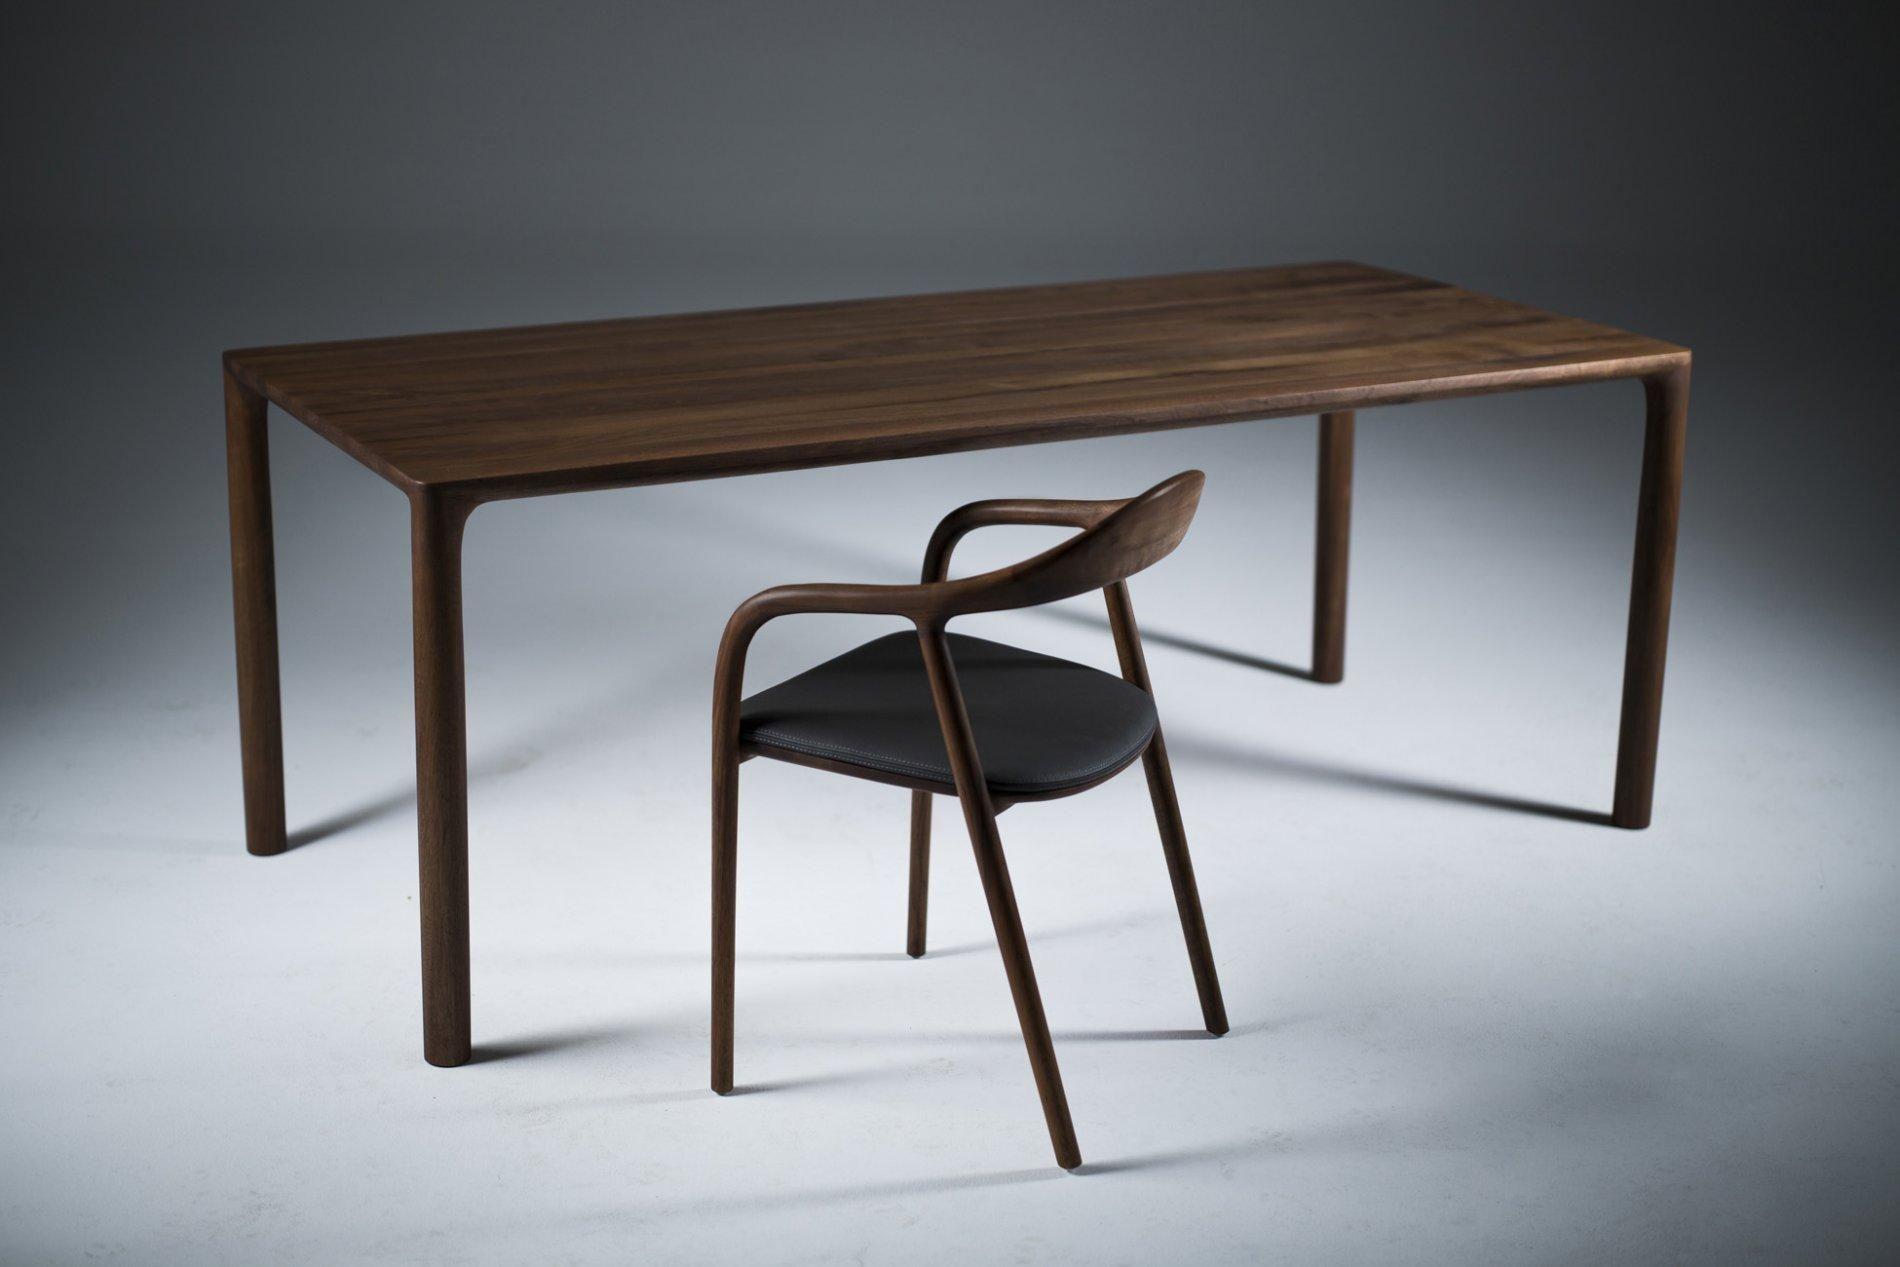 Artisan Tisch Jean Mobel Nach Mass Ausgefallene Mobel Esstisch